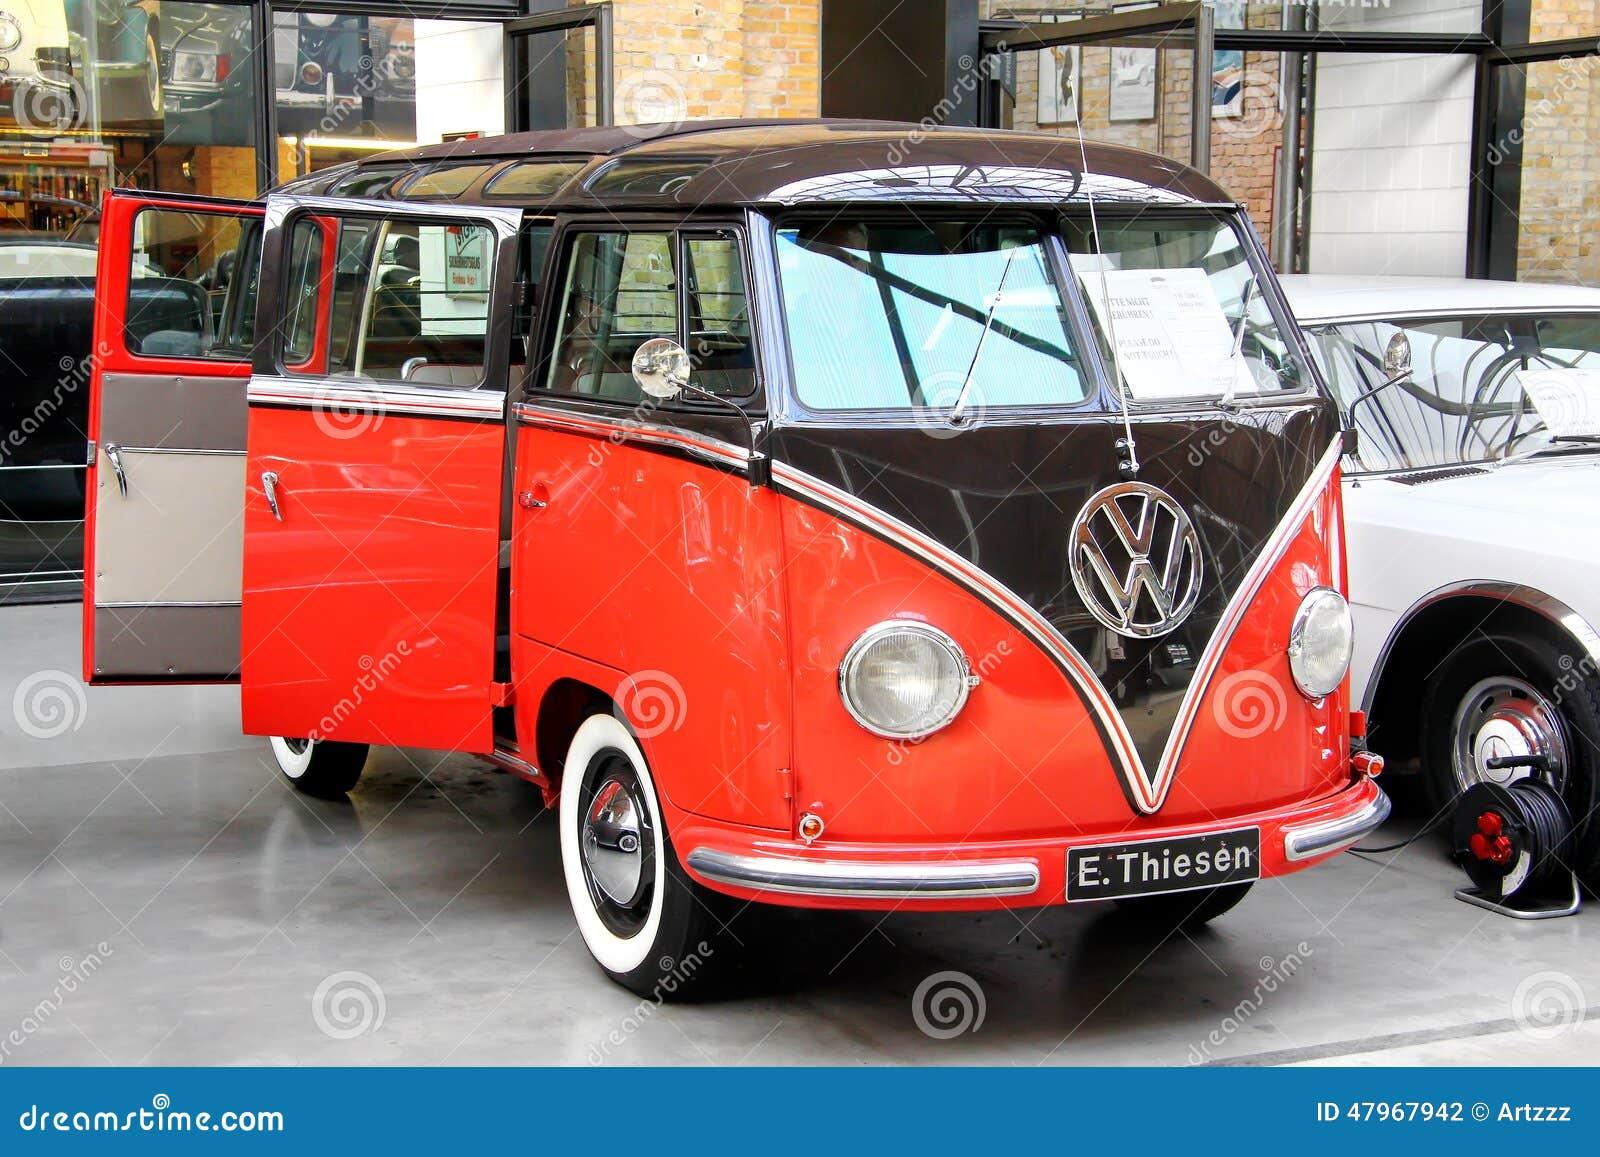 volkswagen transporter editorial photography image 47967942. Black Bedroom Furniture Sets. Home Design Ideas